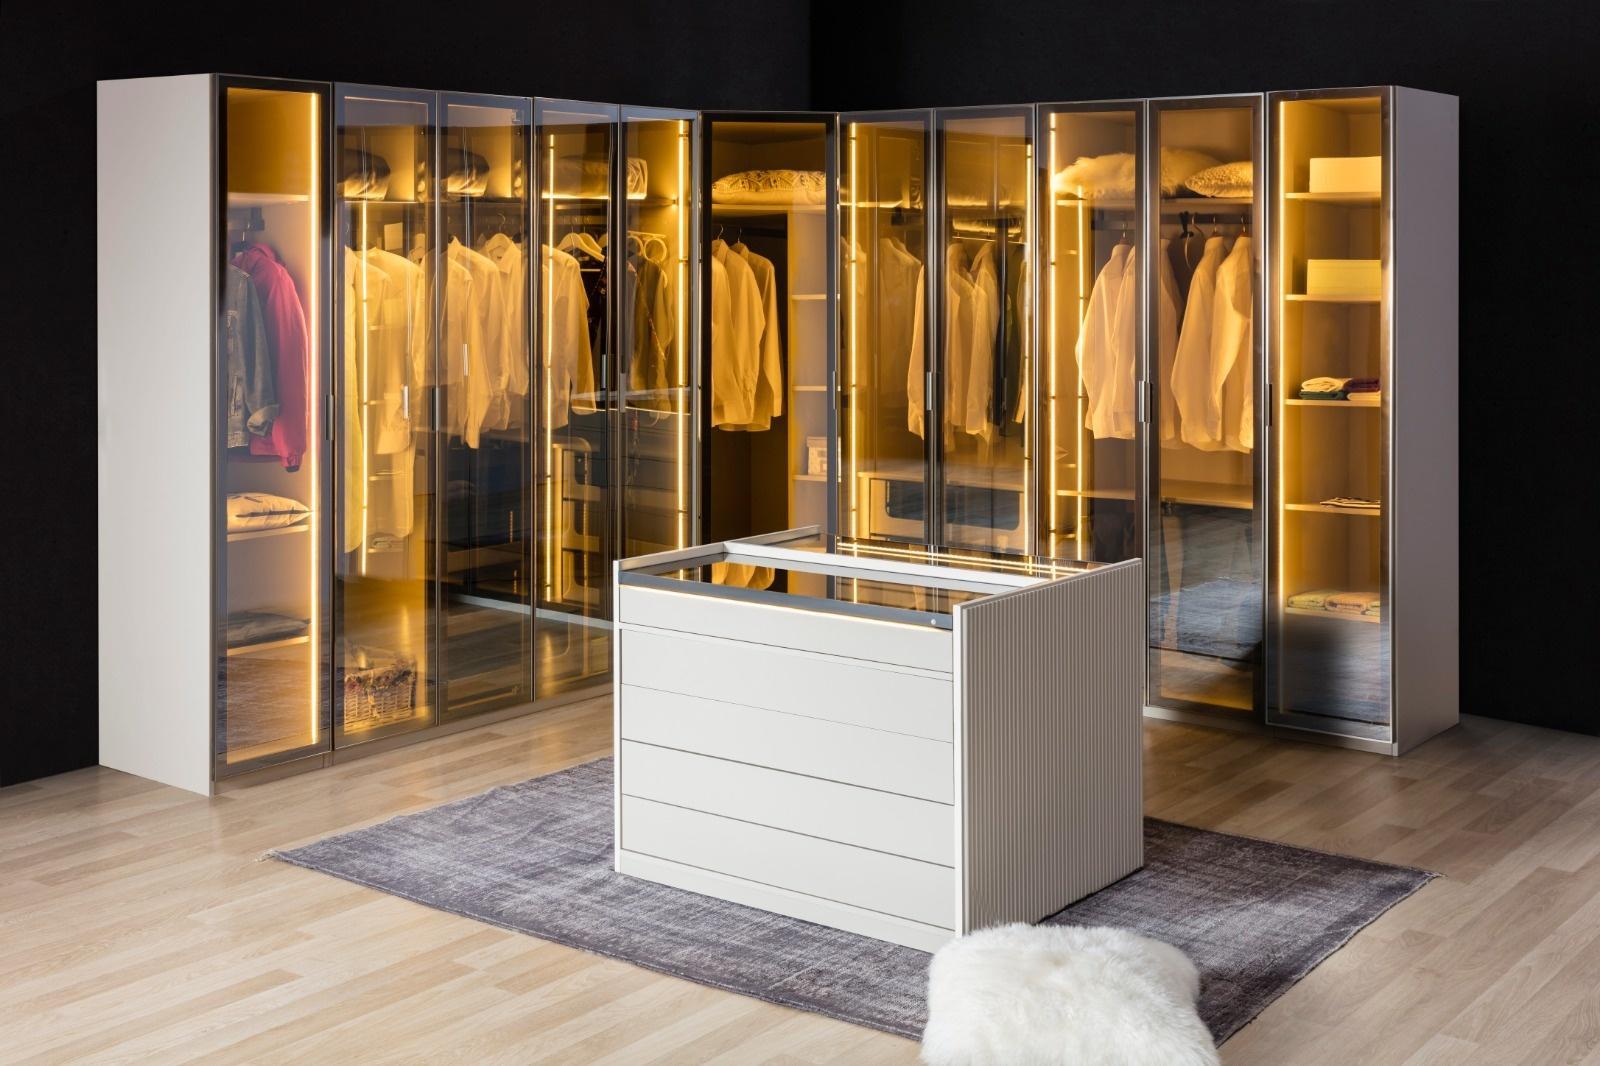 Puzzle modüler giysi dolabı tasarımımız Berrak mobilya'da sizi bekliyor.